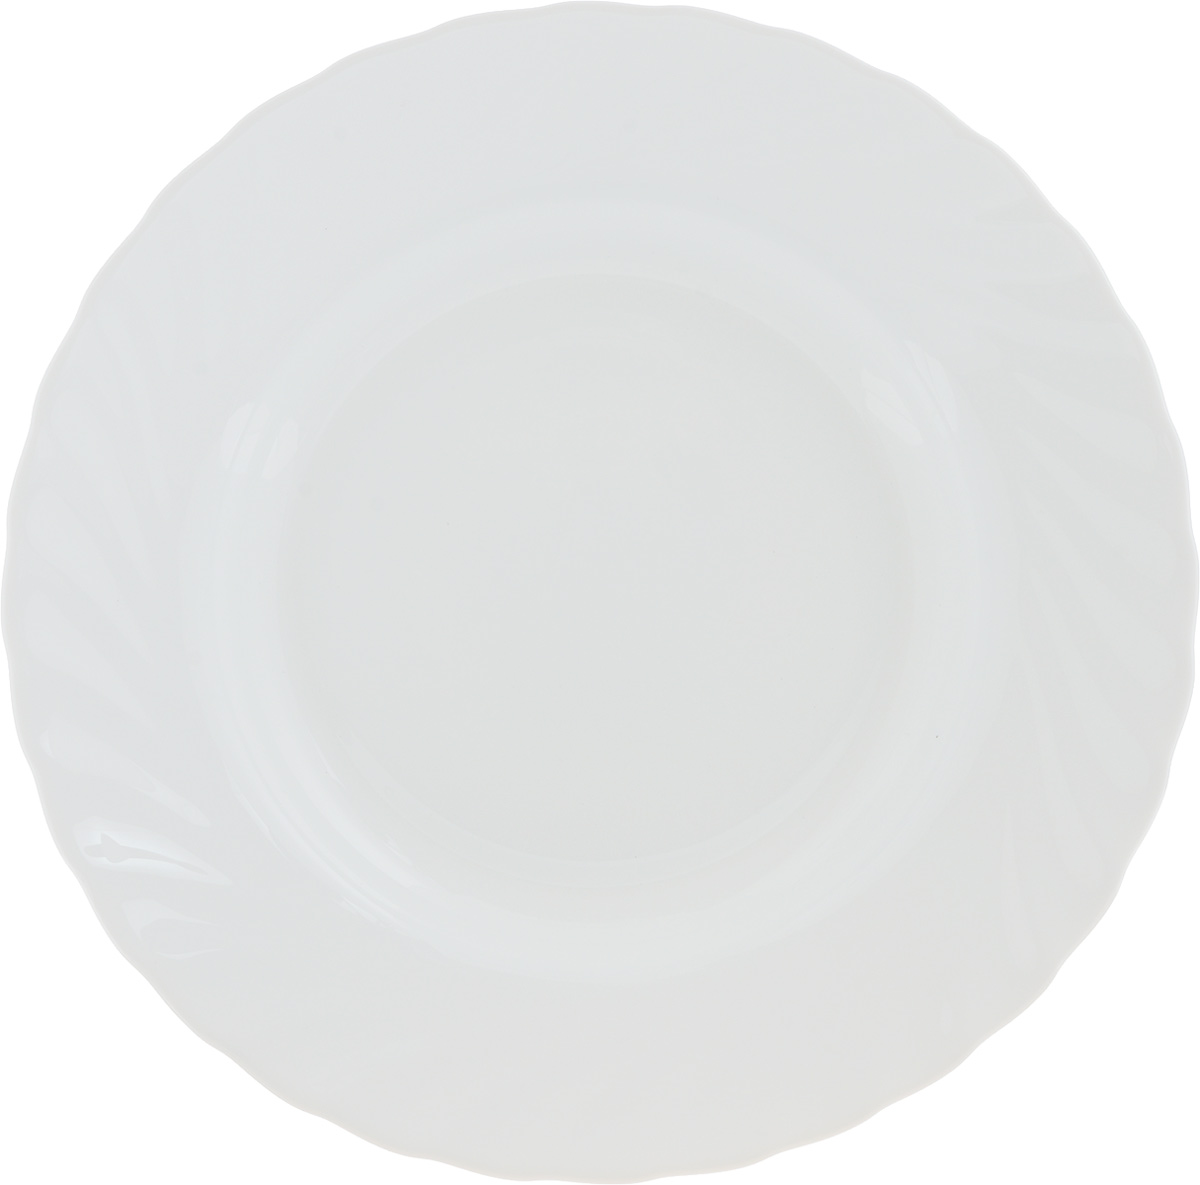 Тарелка суповая Luminarc Trianon White, диаметр 22 см тарелка суповая luminarc alizee 23 см